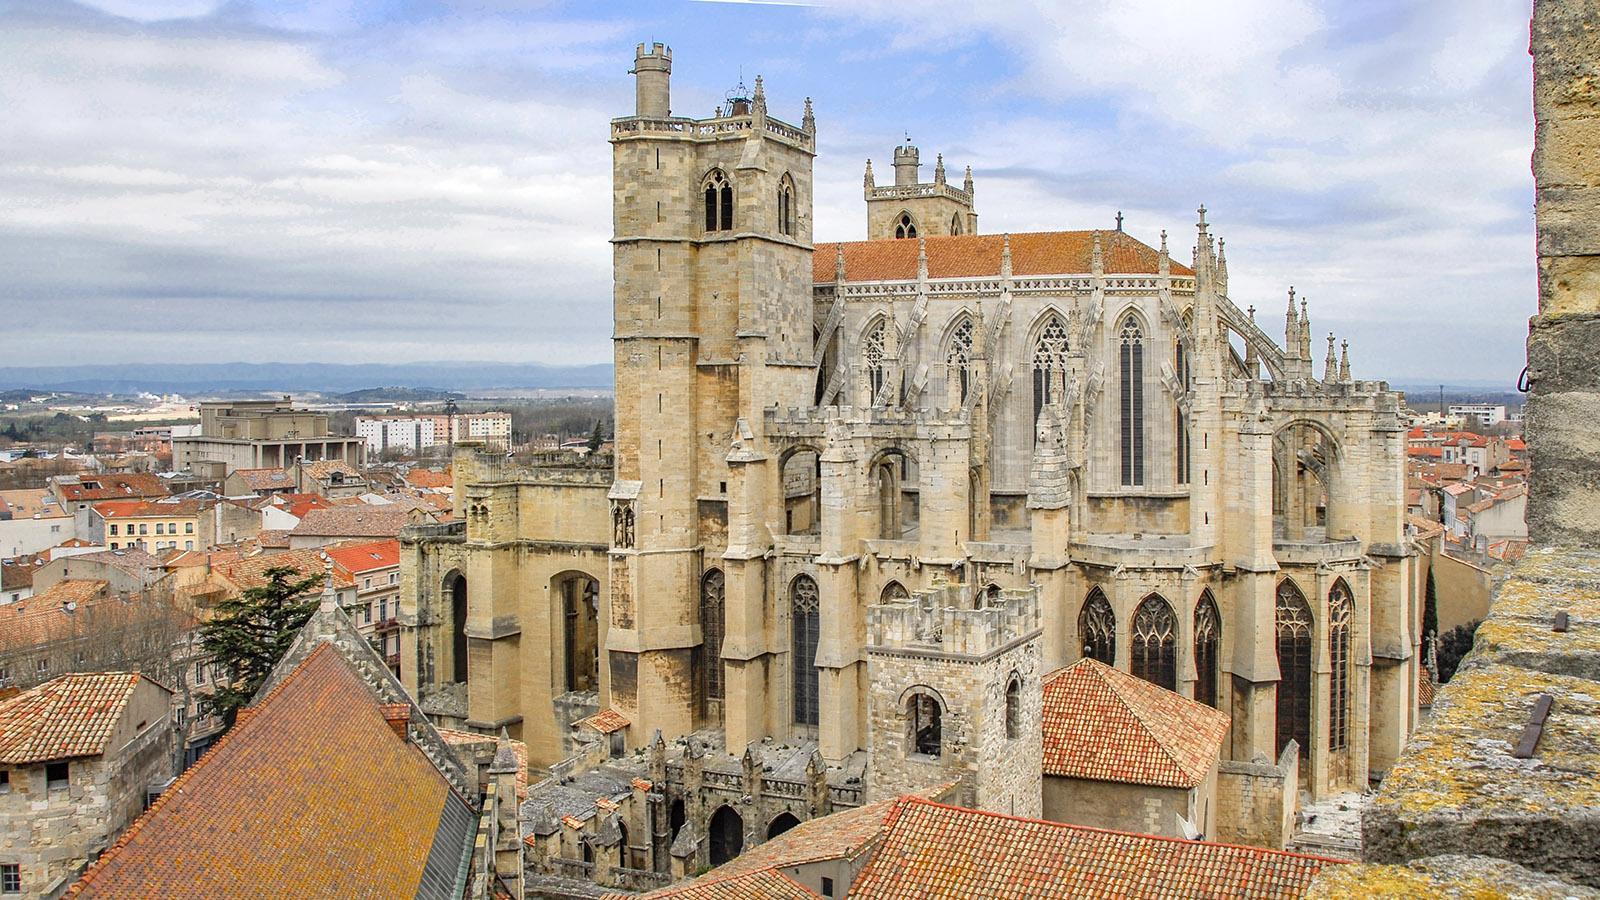 Die Kathedrale vom Donjon aus. Foto: Hilke Maunder